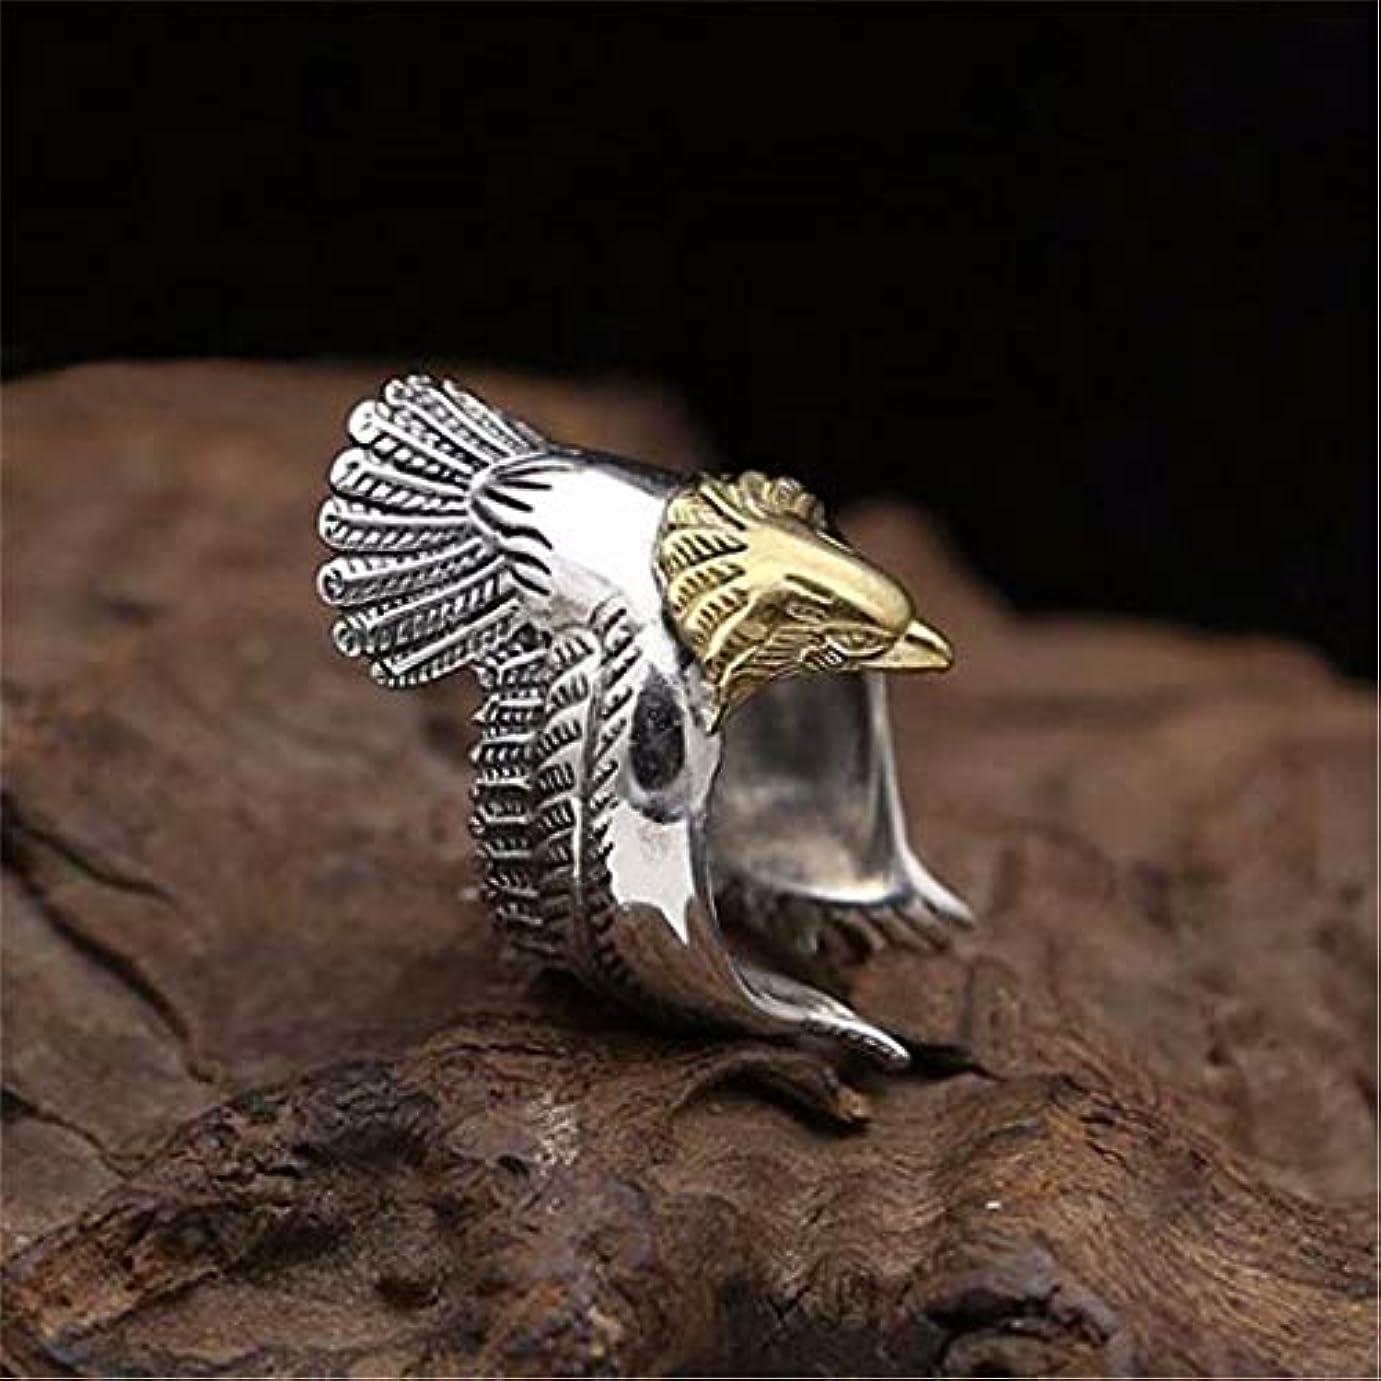 古代失態津波七里の香 メンズ レディース 男女 兼用 人気 鷲 羽根 フリー サイズ 指輪 1個